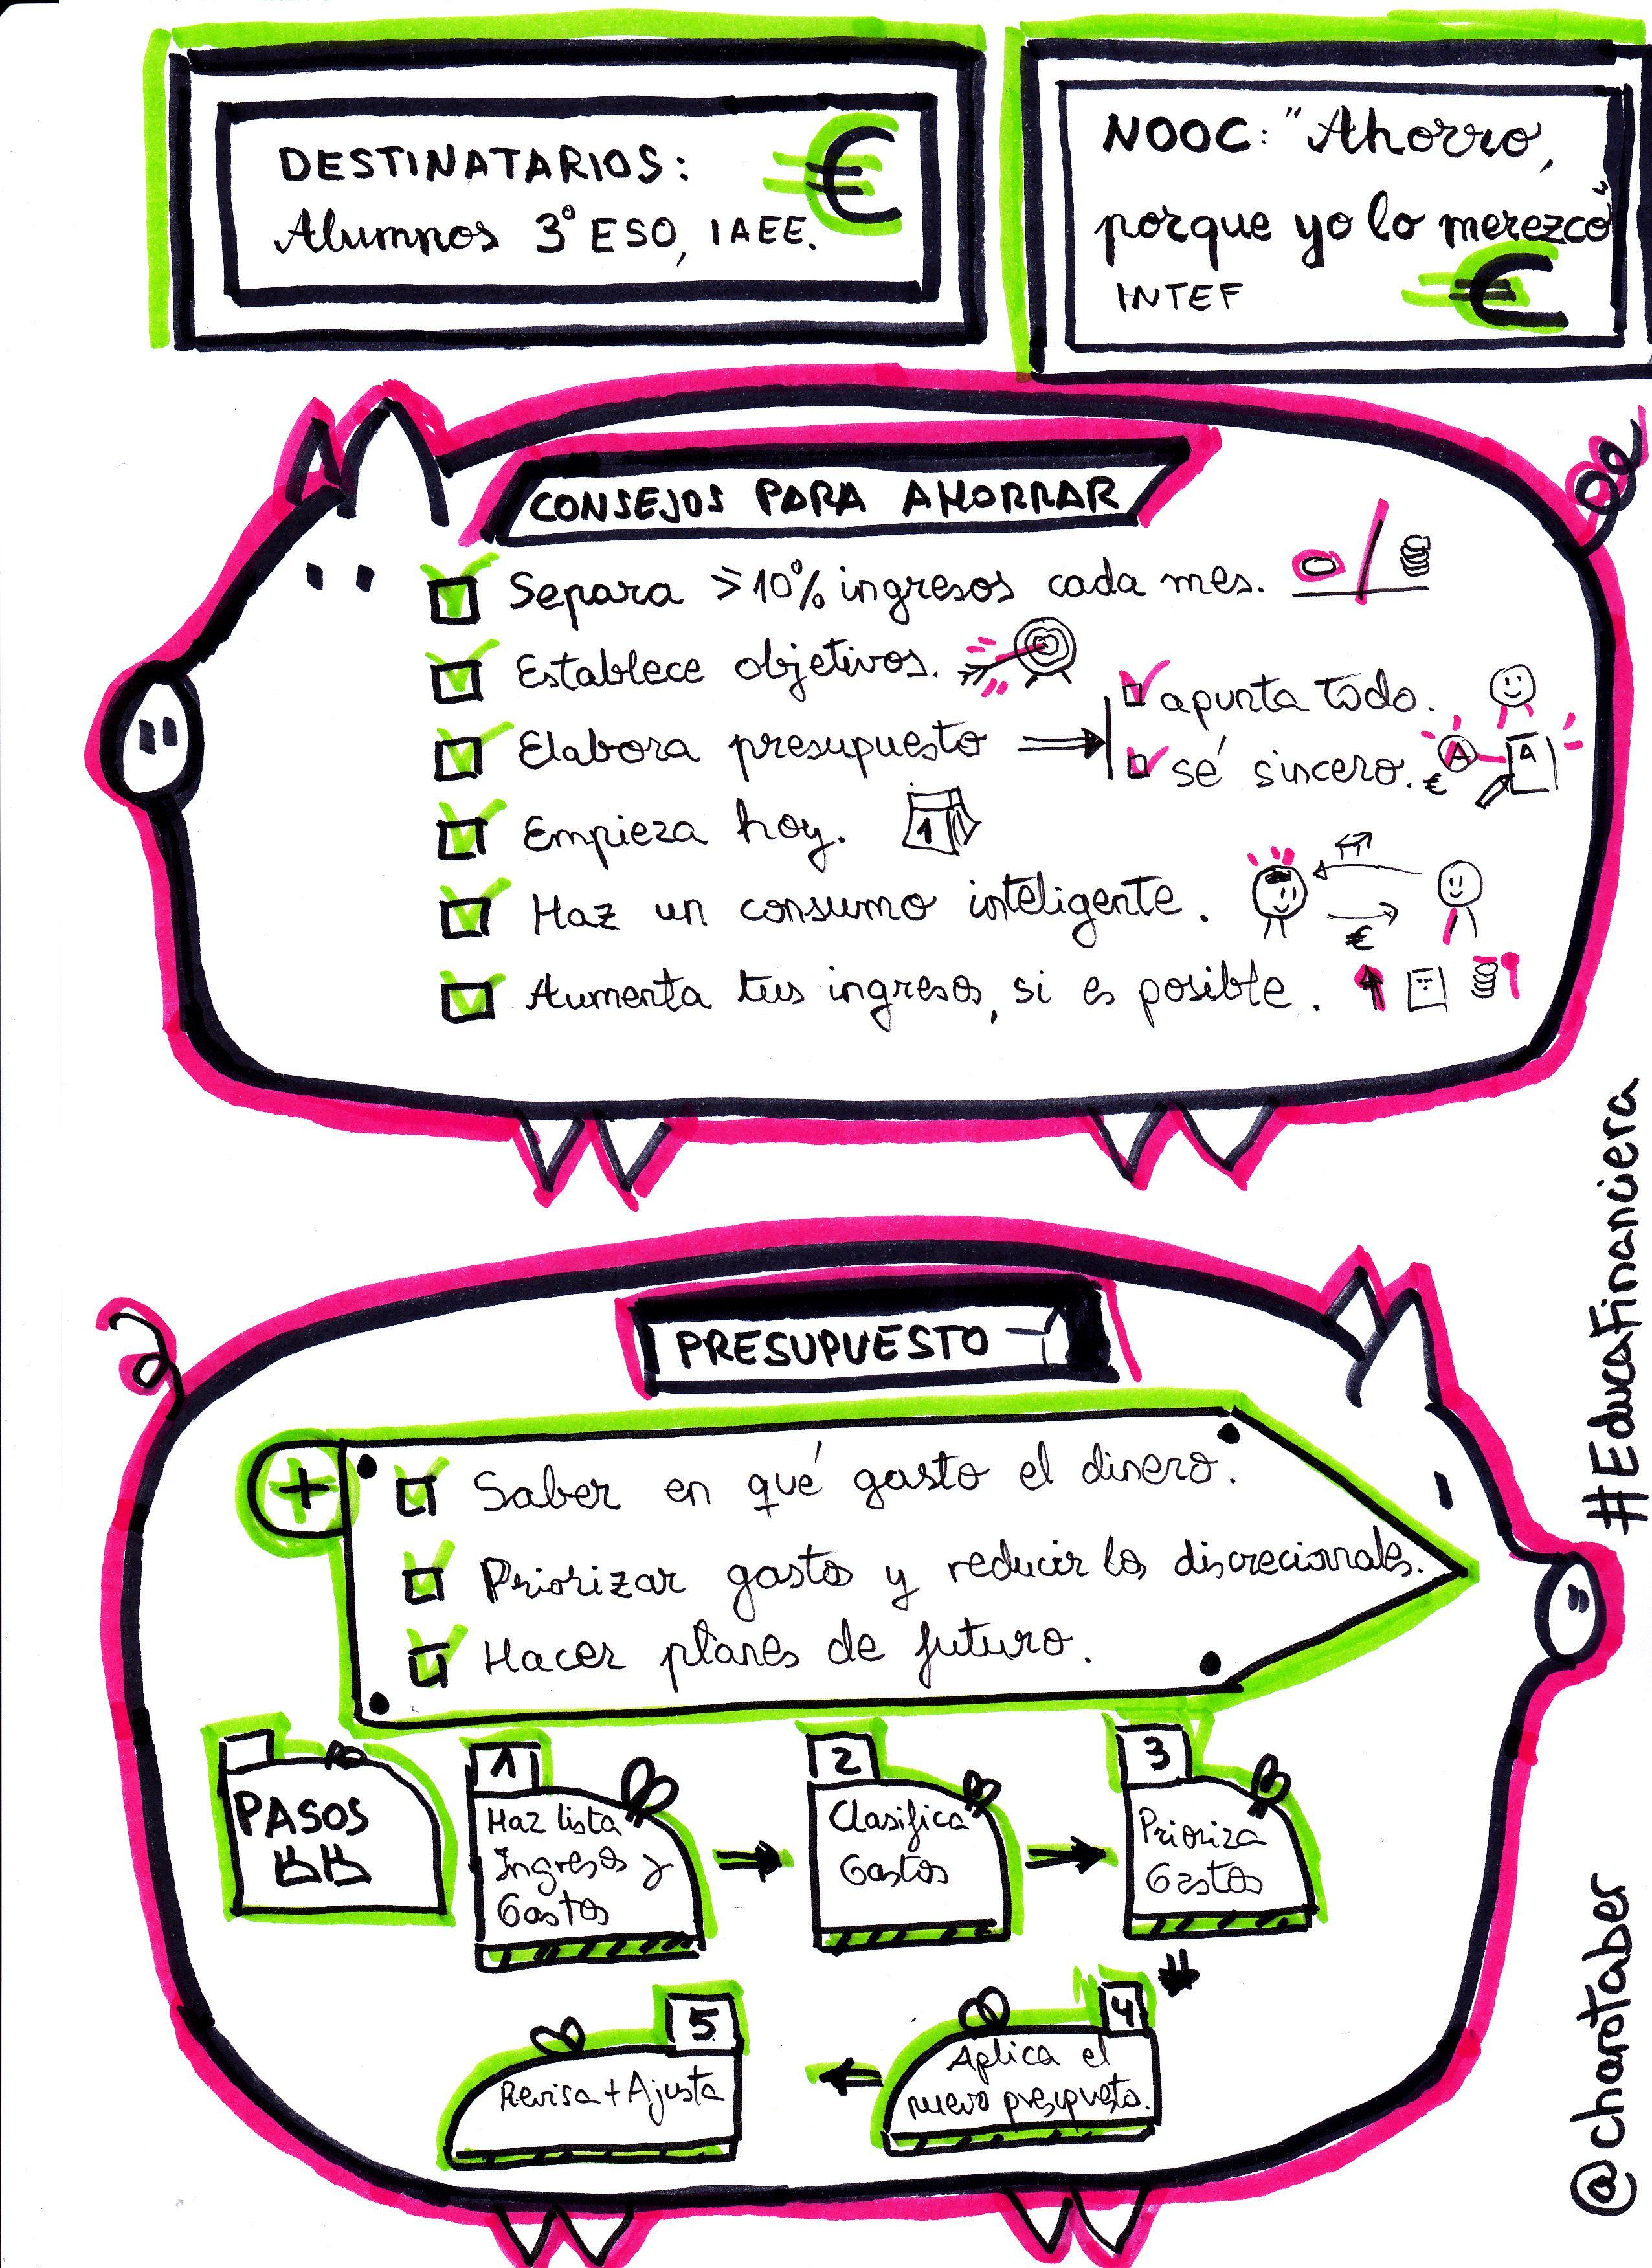 ahorro y elaboraciÓn de presupuesto personal visual thinking